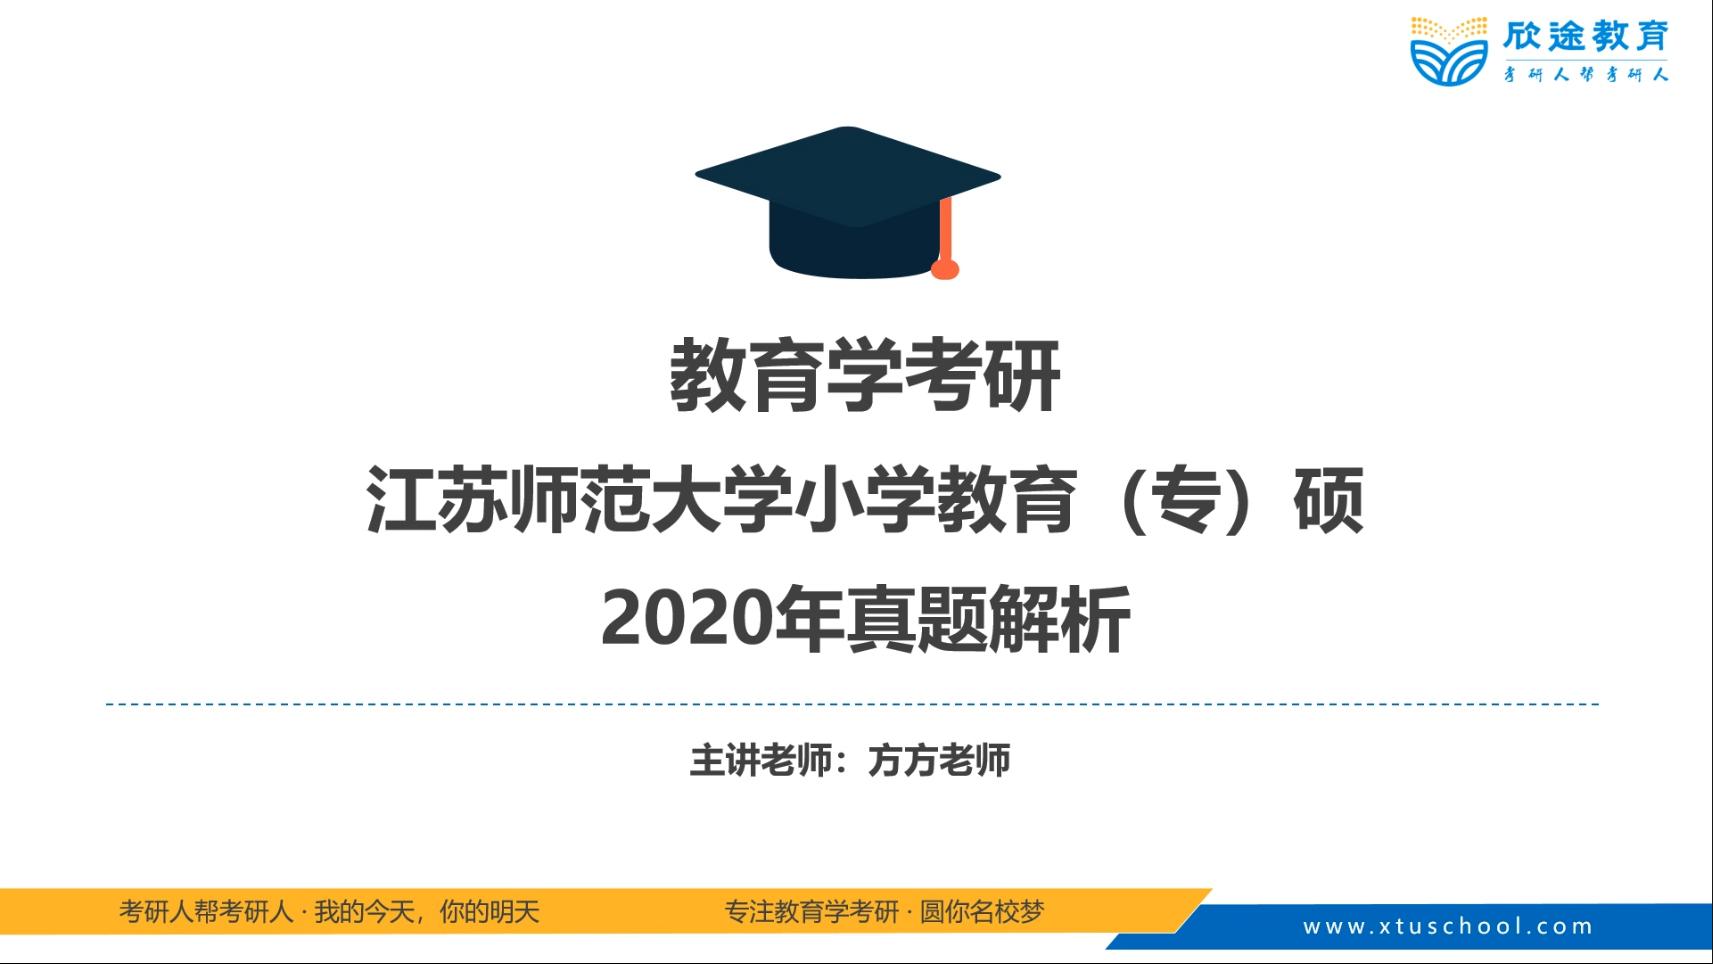 【2021教育学考研】江苏师范大学(小学教育)冲刺真题解析试听课